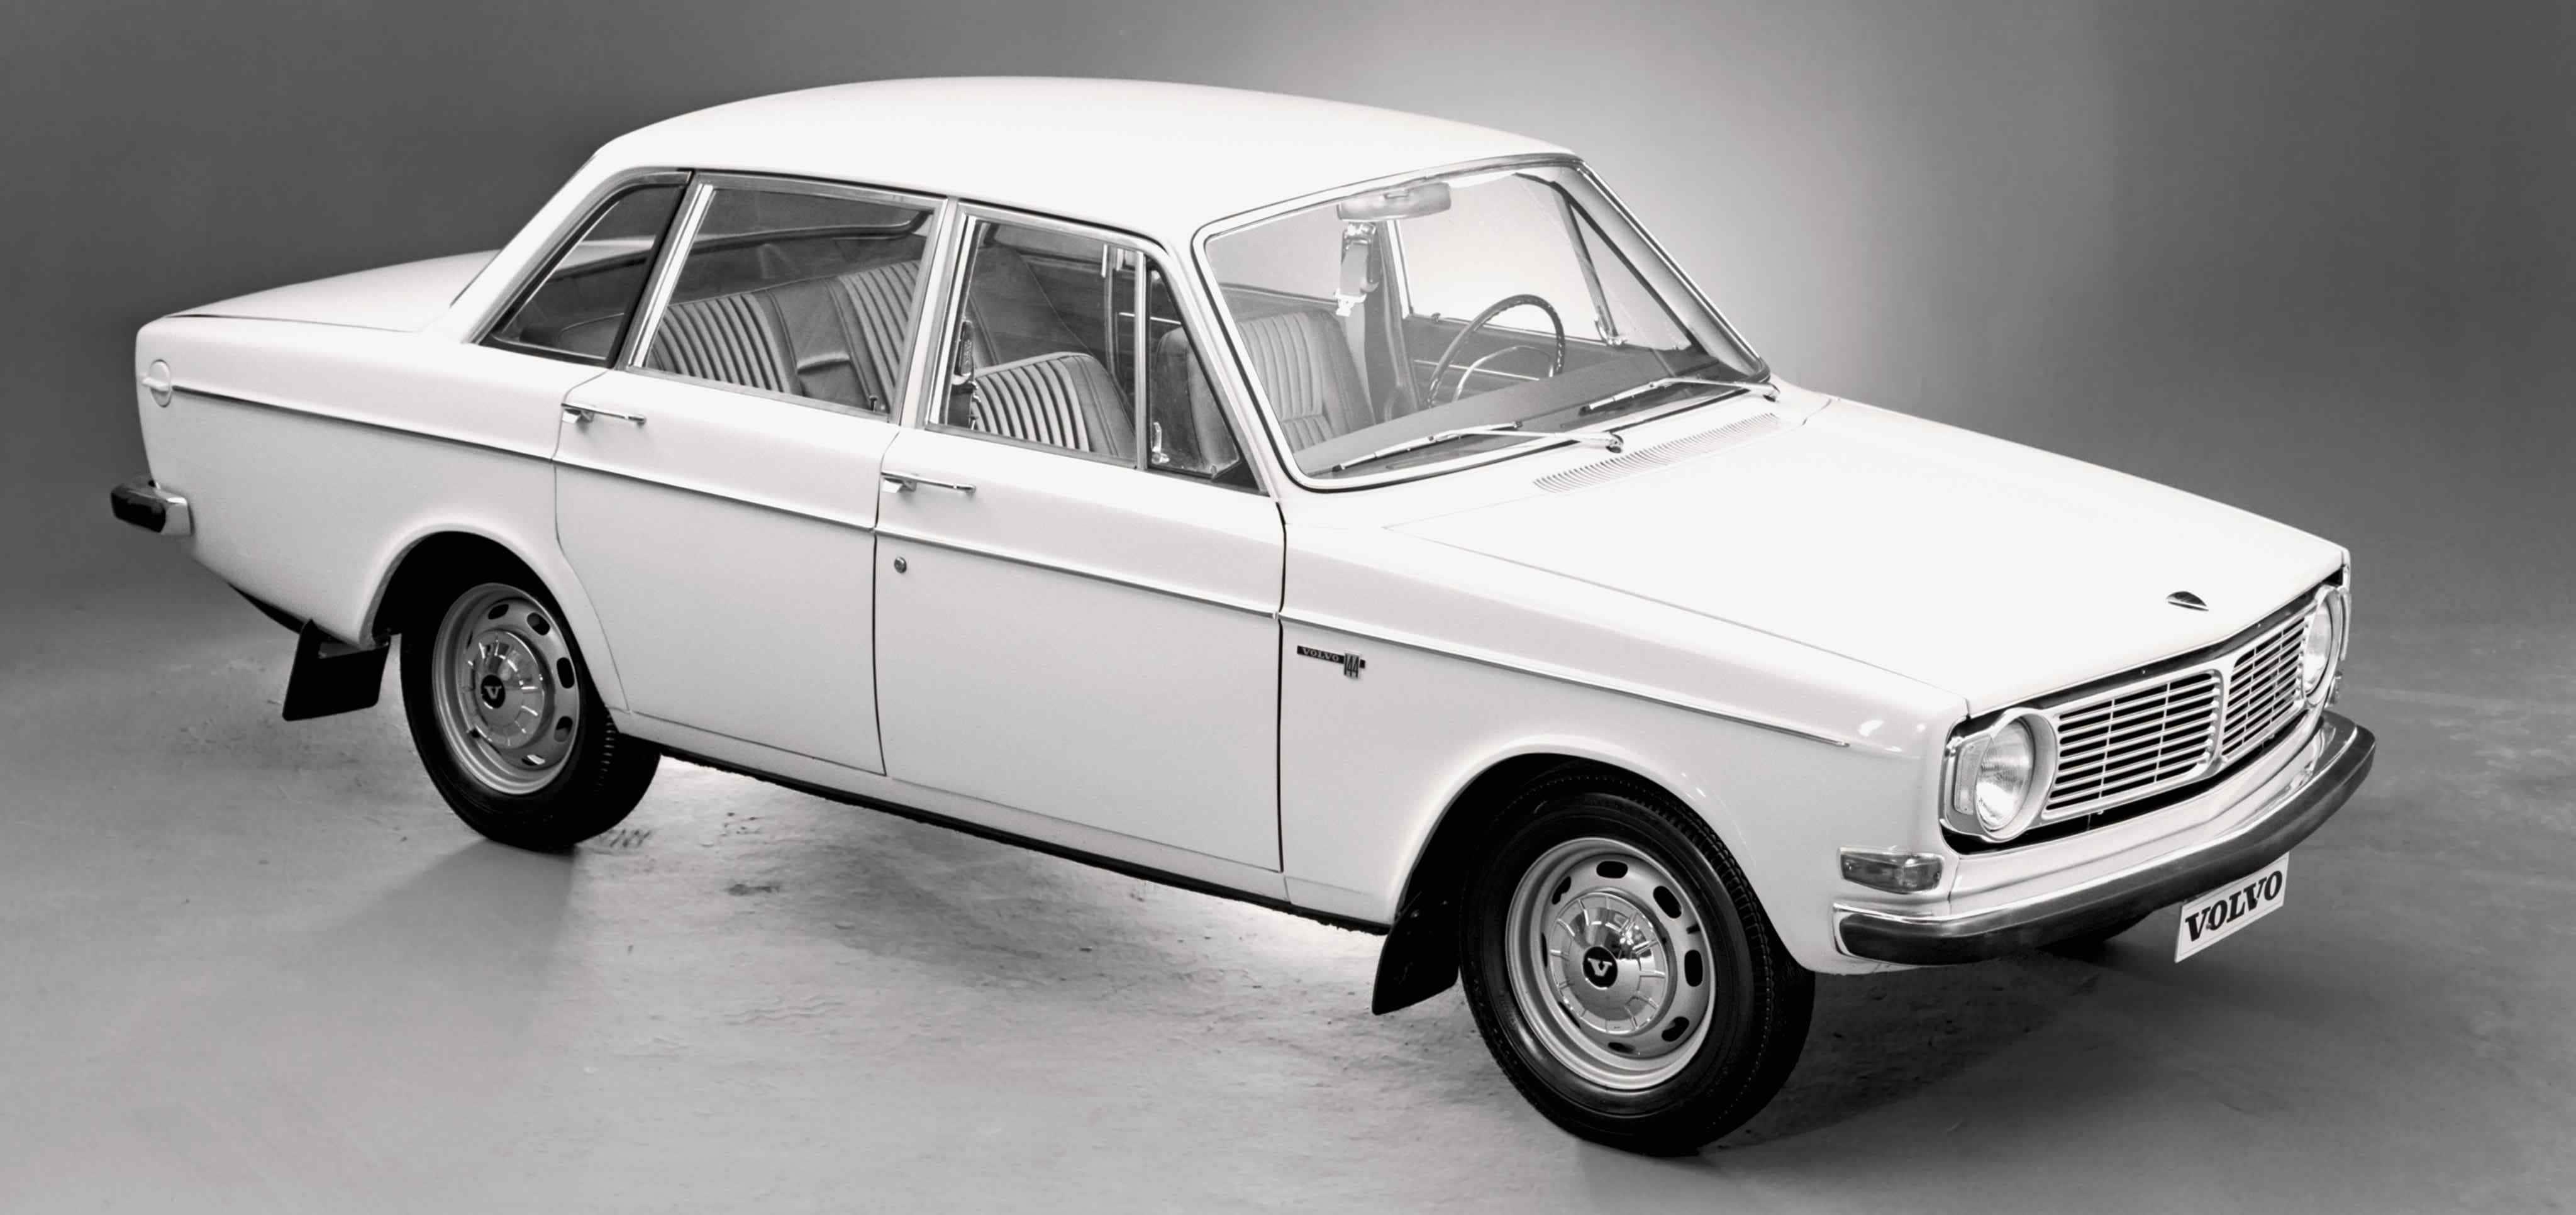 Un Volvo 144 color blanco vista superior frontal derecha